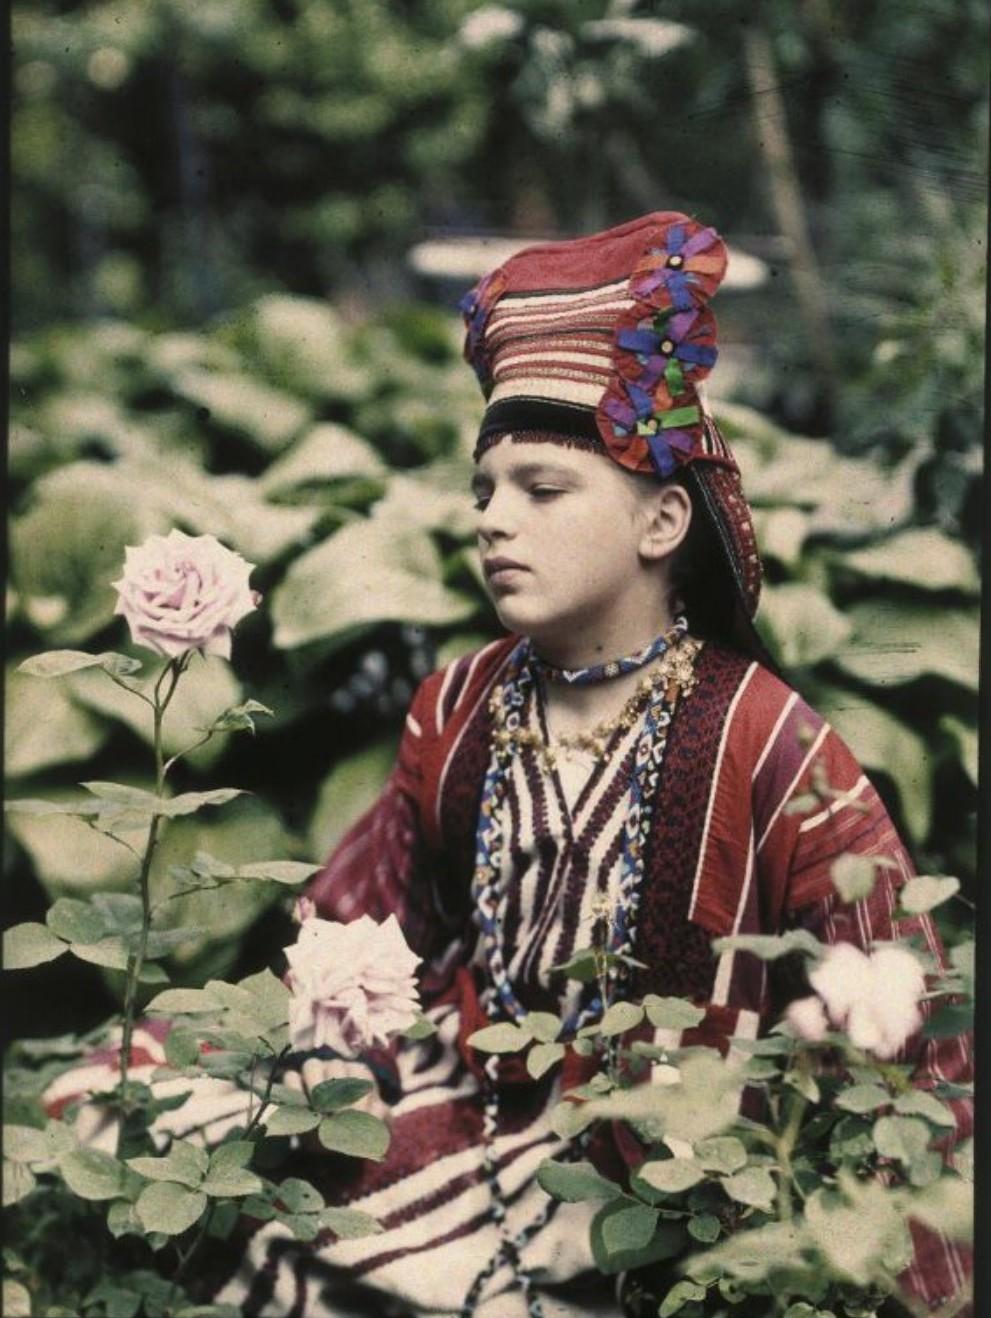 1914. Вера Козакова в народном костюме